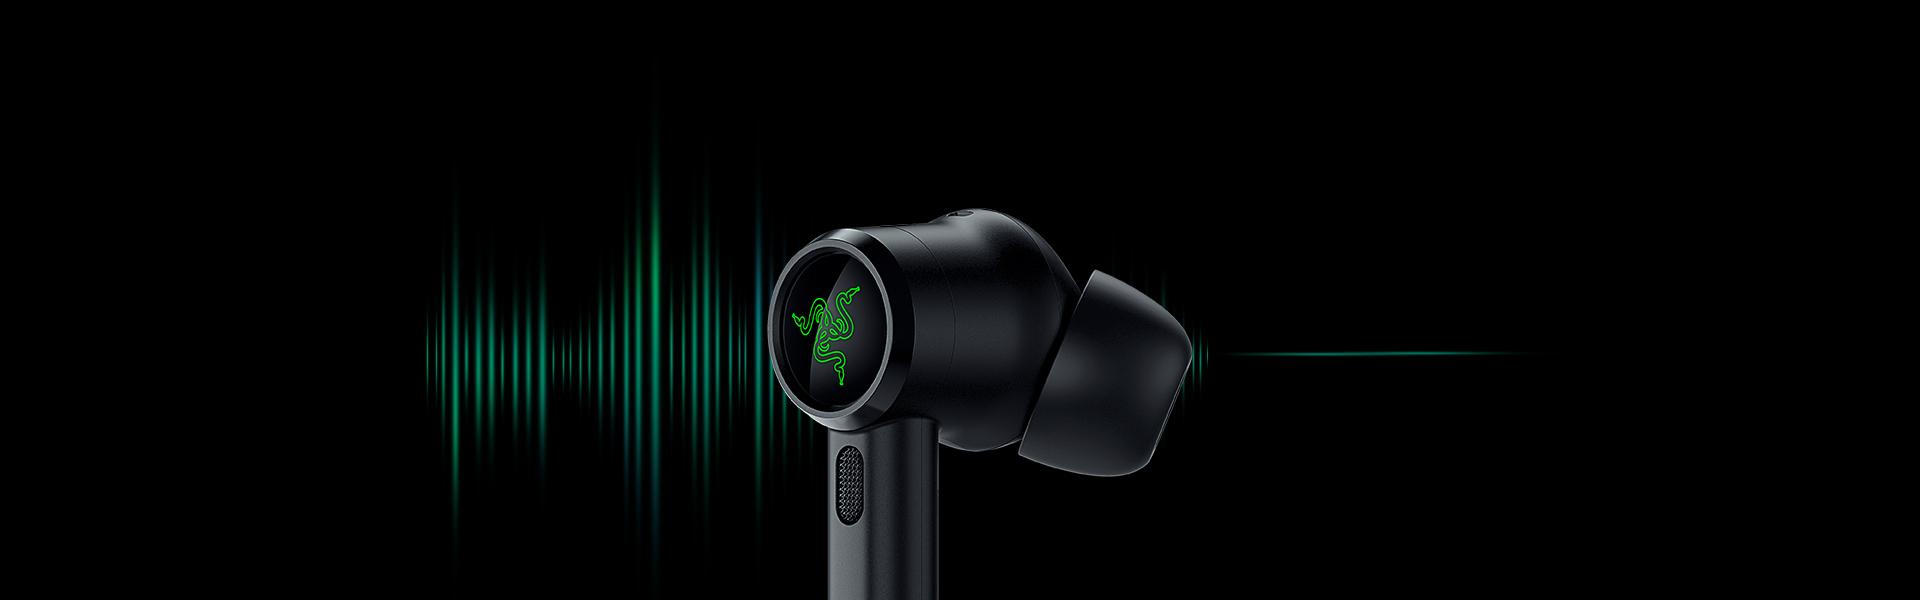 Tai nghe Razer Hammerhead True Wireless Pro RZ12-03440100-R3A1 có tính năng chống ồn chủ động